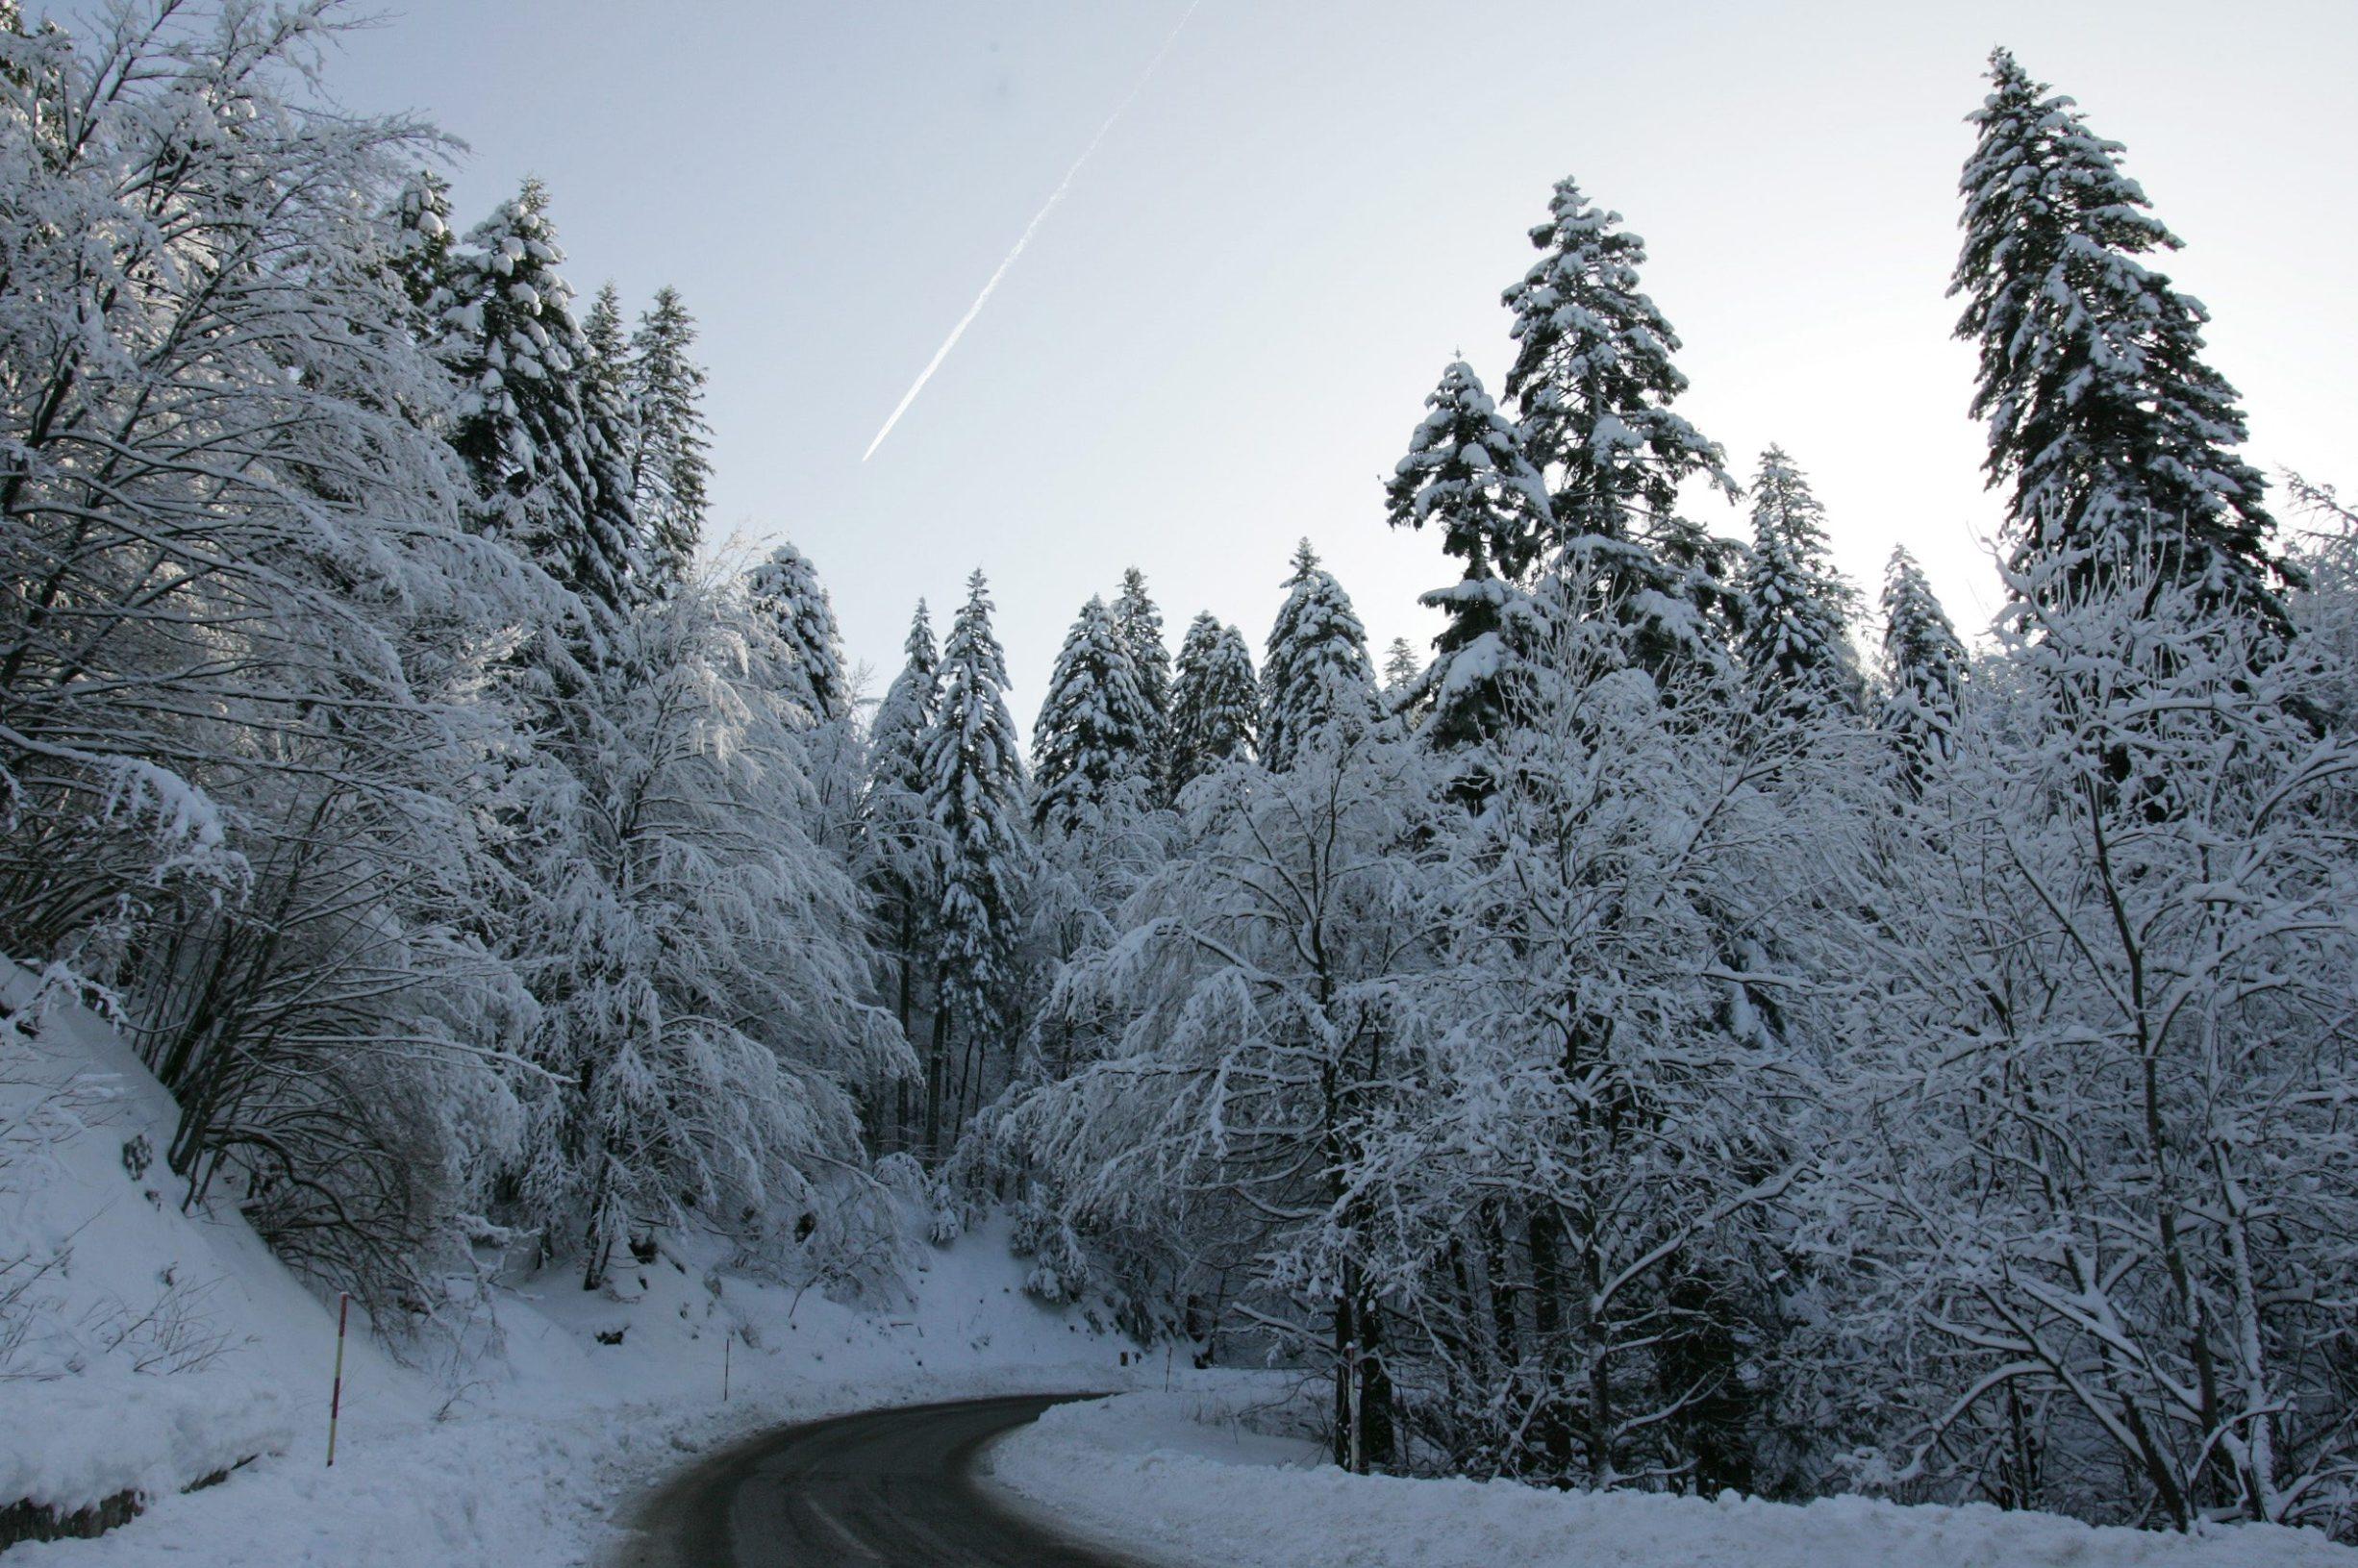 Crni lug, 130109. U Crnome lugu, mjesto u Gorskom Kotaru, proteklih dana zabiljezena najniza temperatura u Hrvatskoj od -24 celzijevih stupnjeva. Danas je puno toplije i temperatuta je oko nule. Cesta izmedju Gornjeg jelenja i Crnog luga je potpuno ociscena, a promet je slab. Foto: Zeljko Sop / CROPIX